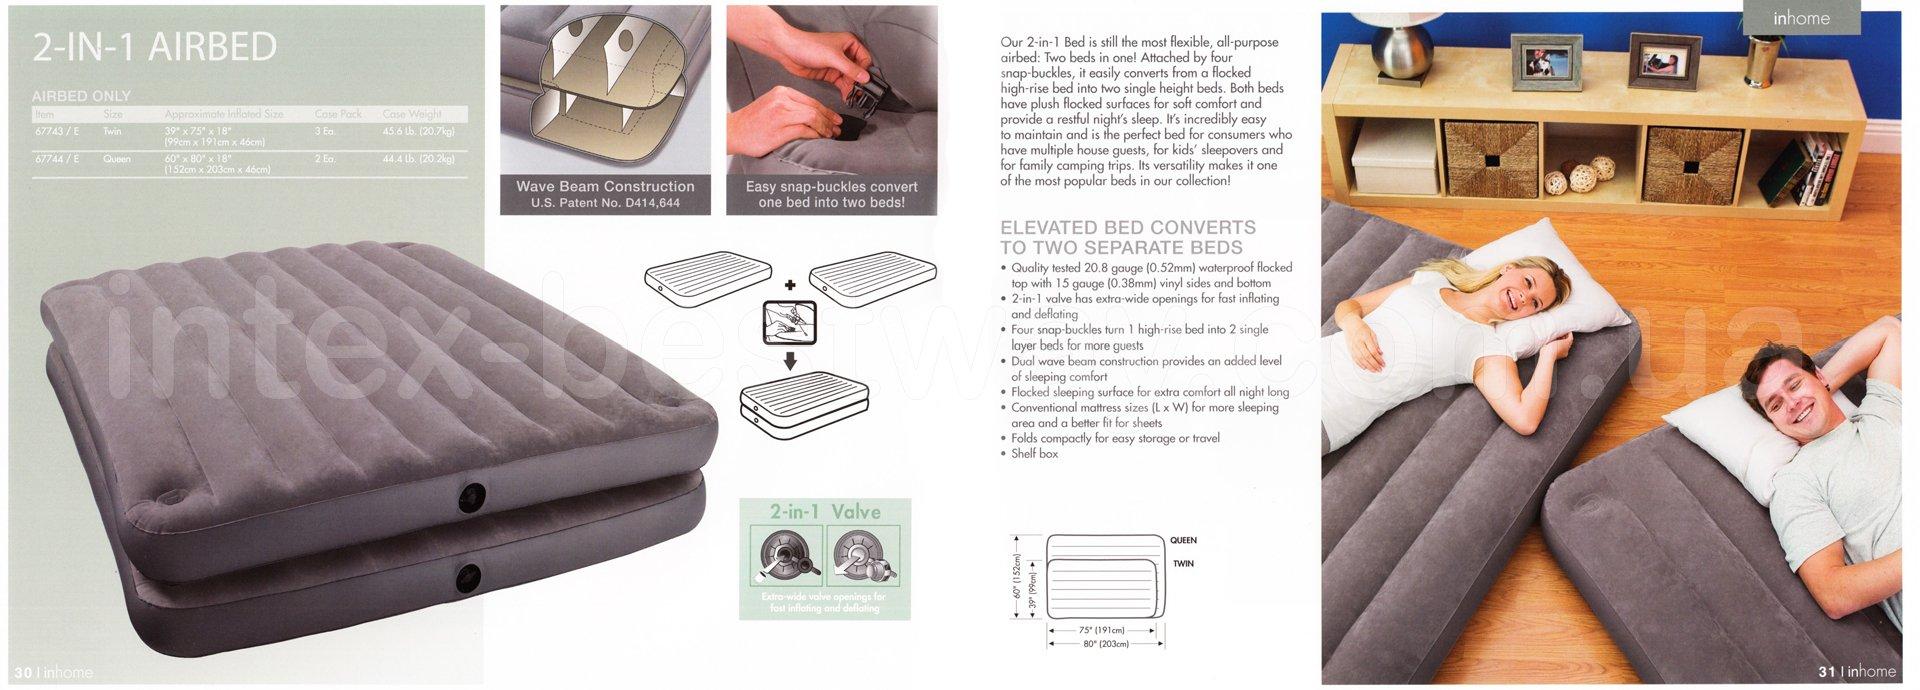 Односпальная надувная кровать Intex 67743 2-IN-1 Airbed